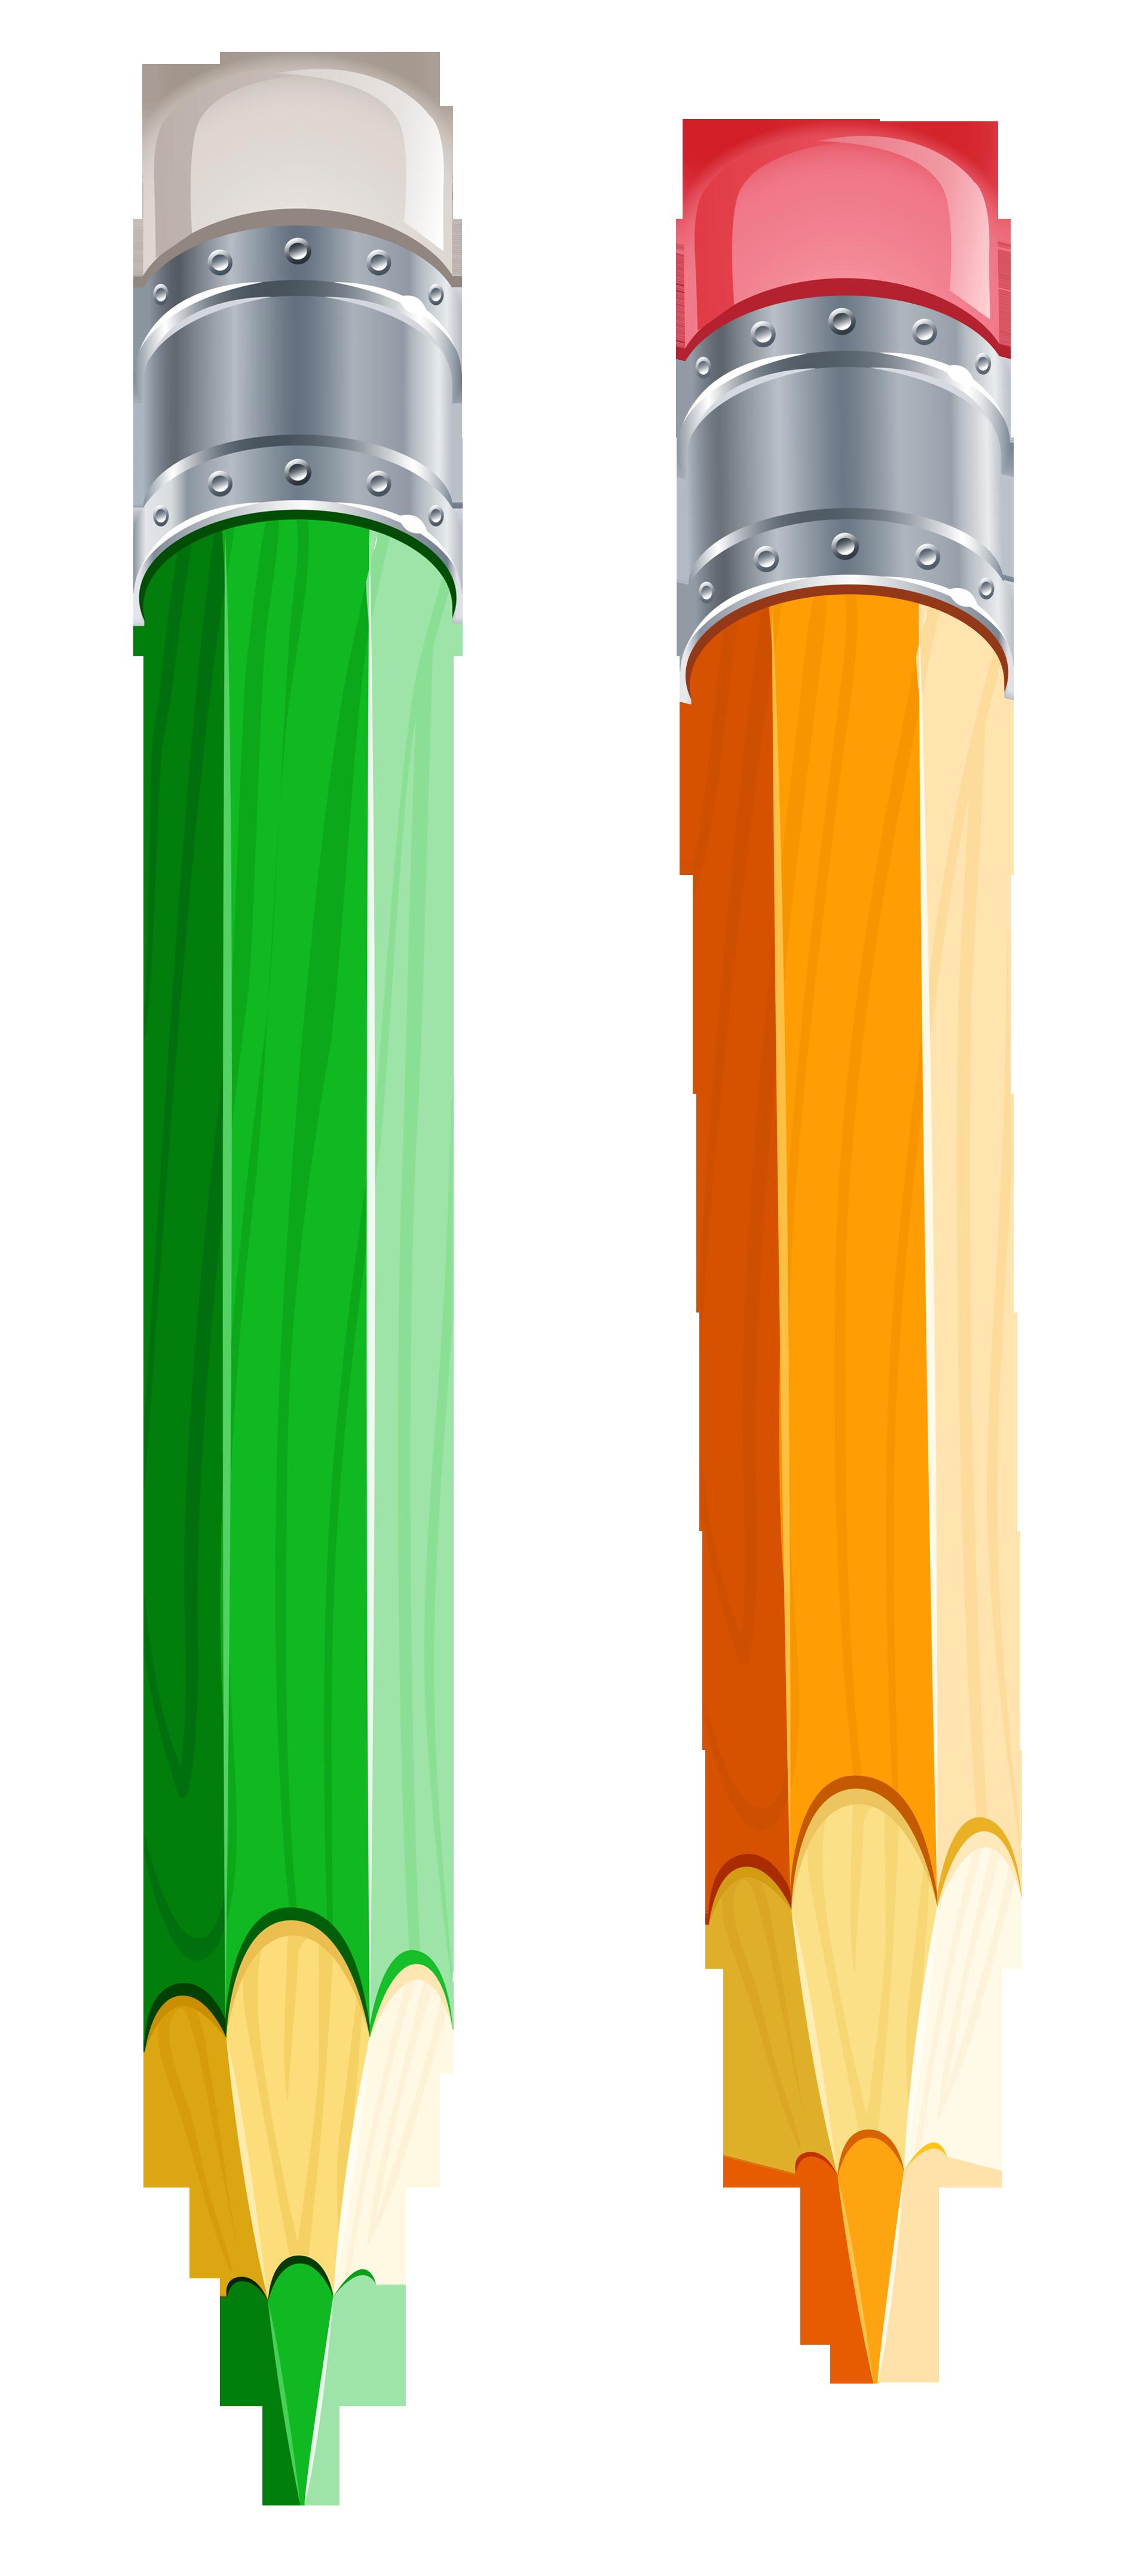 2 Pencils Clipart.